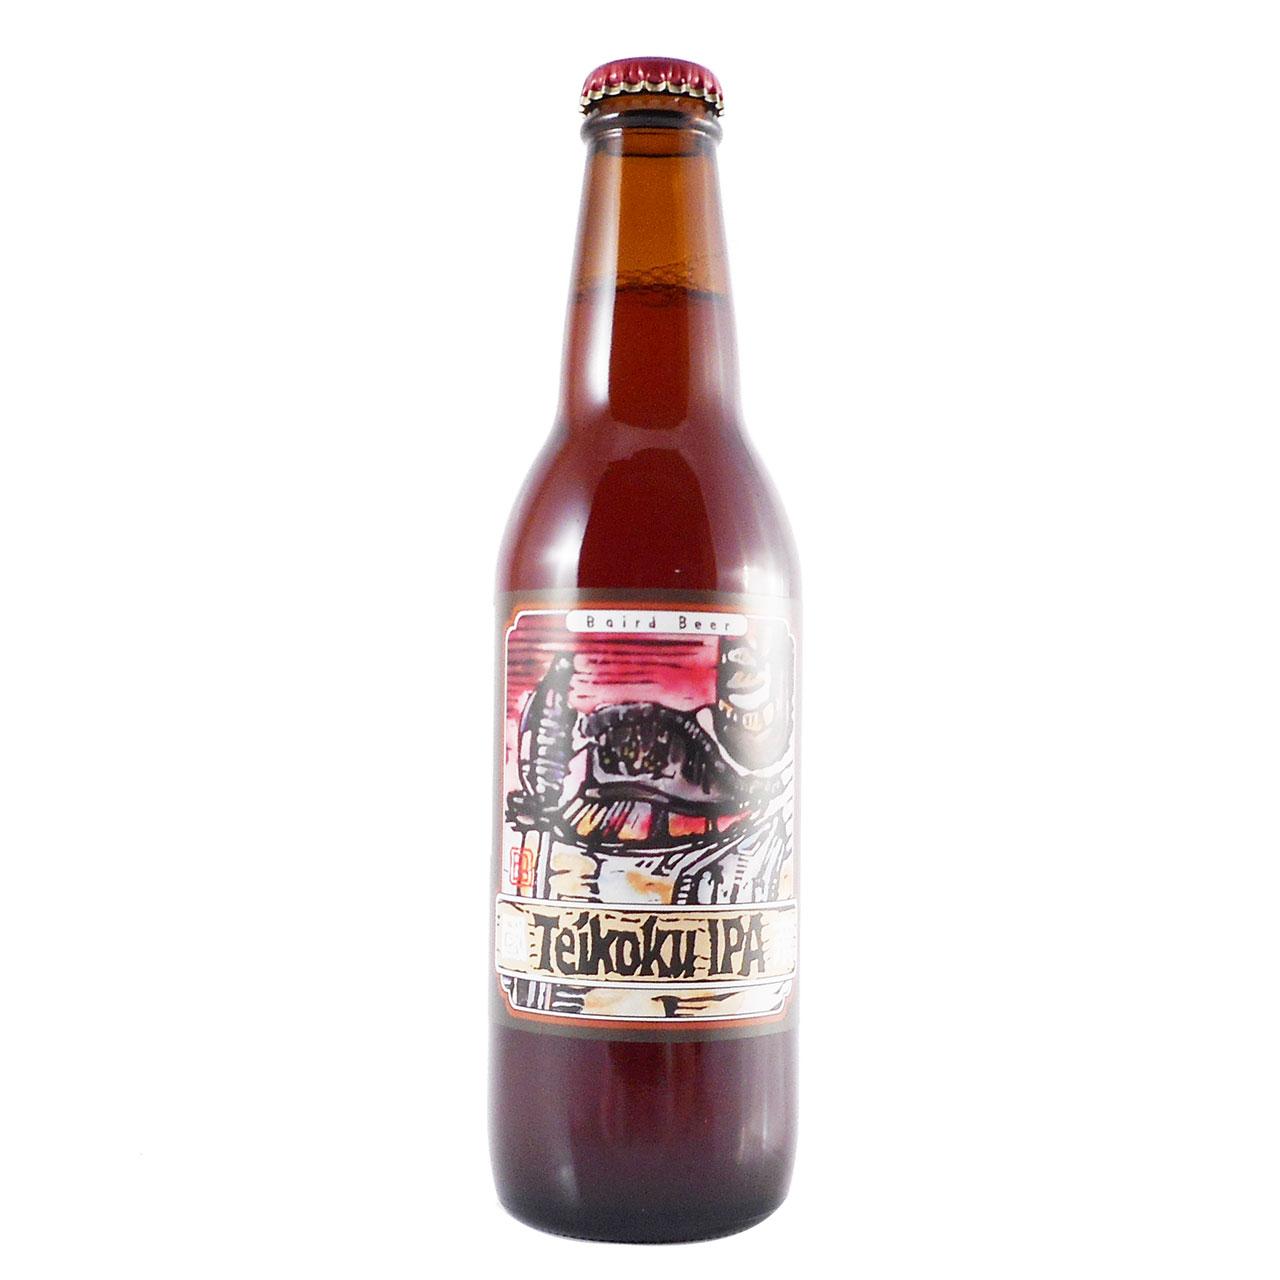 お中元 ギフト ベアードビール 帝国IPA 330ml 24本 静岡修善寺クラフトビールケース販売 静岡県 ベアードブルーイング ビール 国産クラフトビール・地ビール ラッキーシール対応